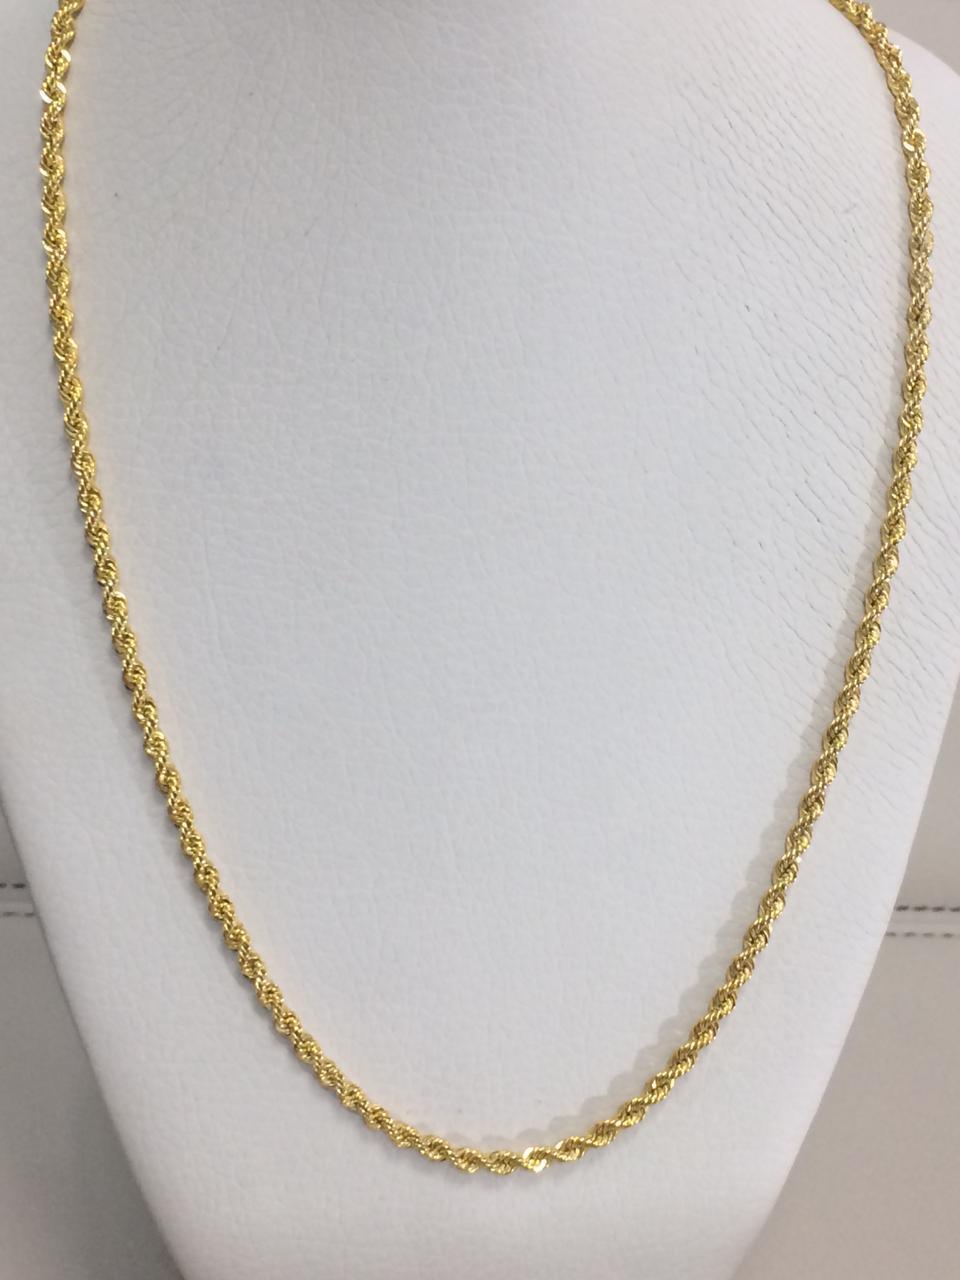 Золотая цепочка 50 см / жёлтое золото